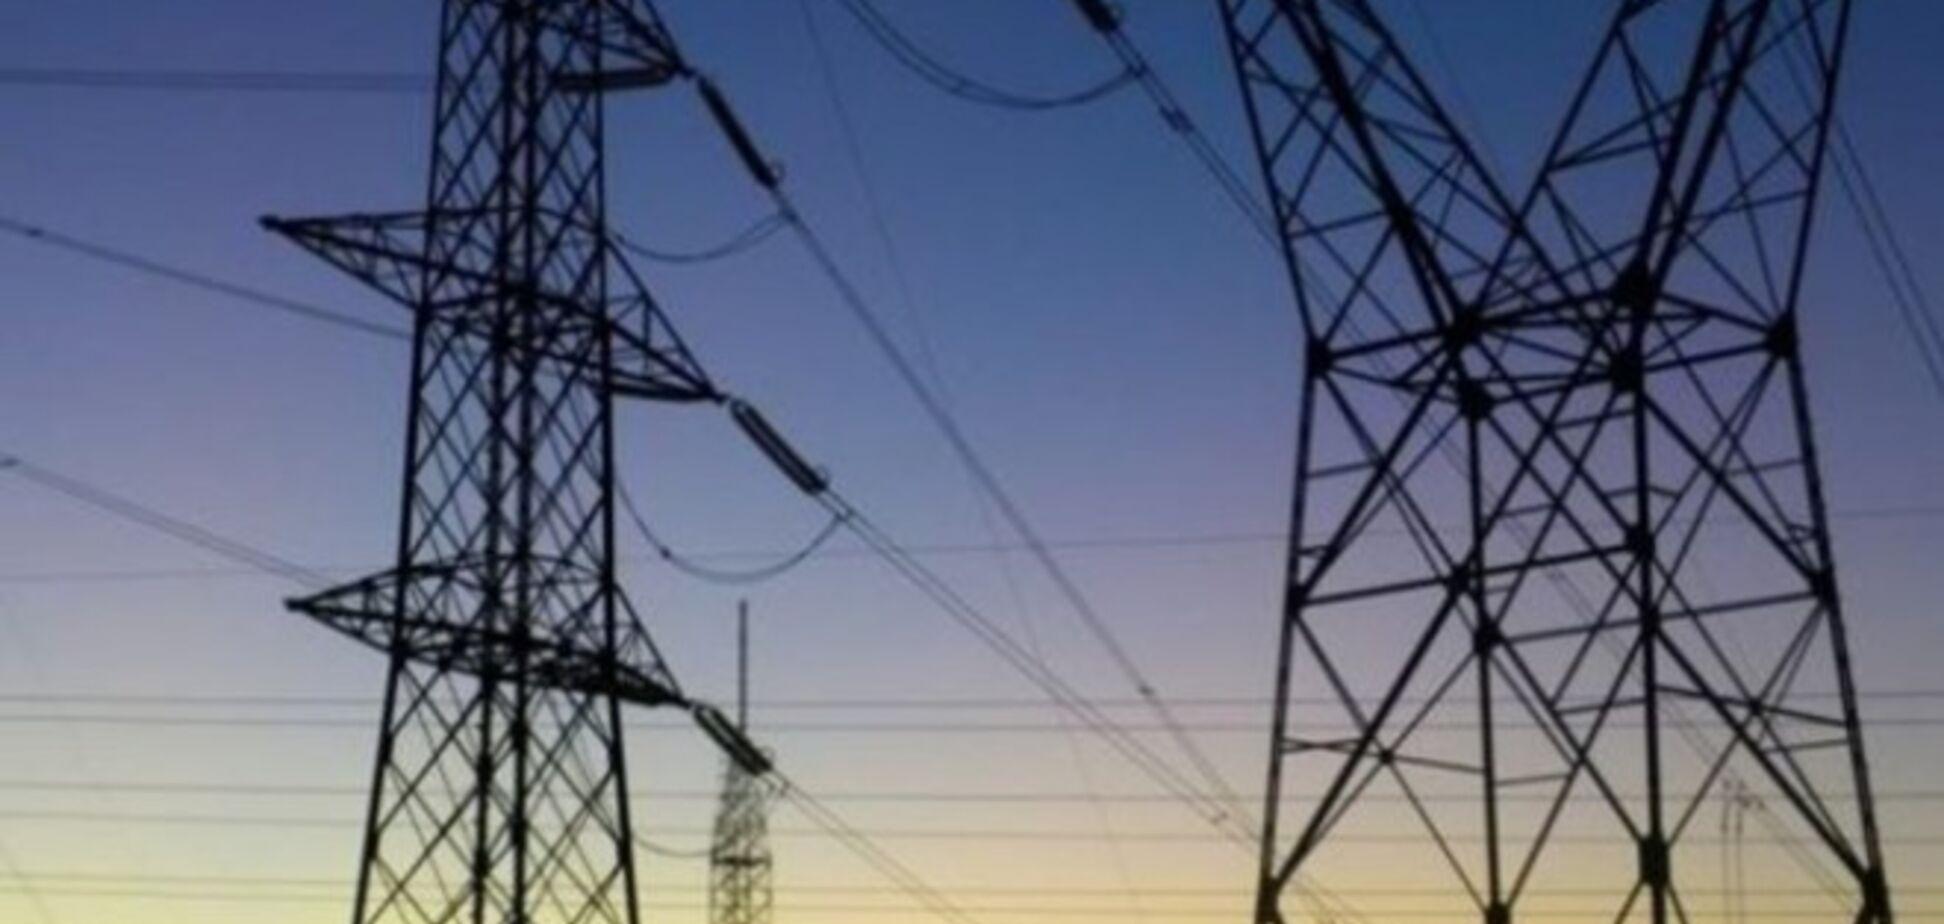 Енергосистема Києва поставлена під загрозу через масові неплатежі - 'Київенерго'